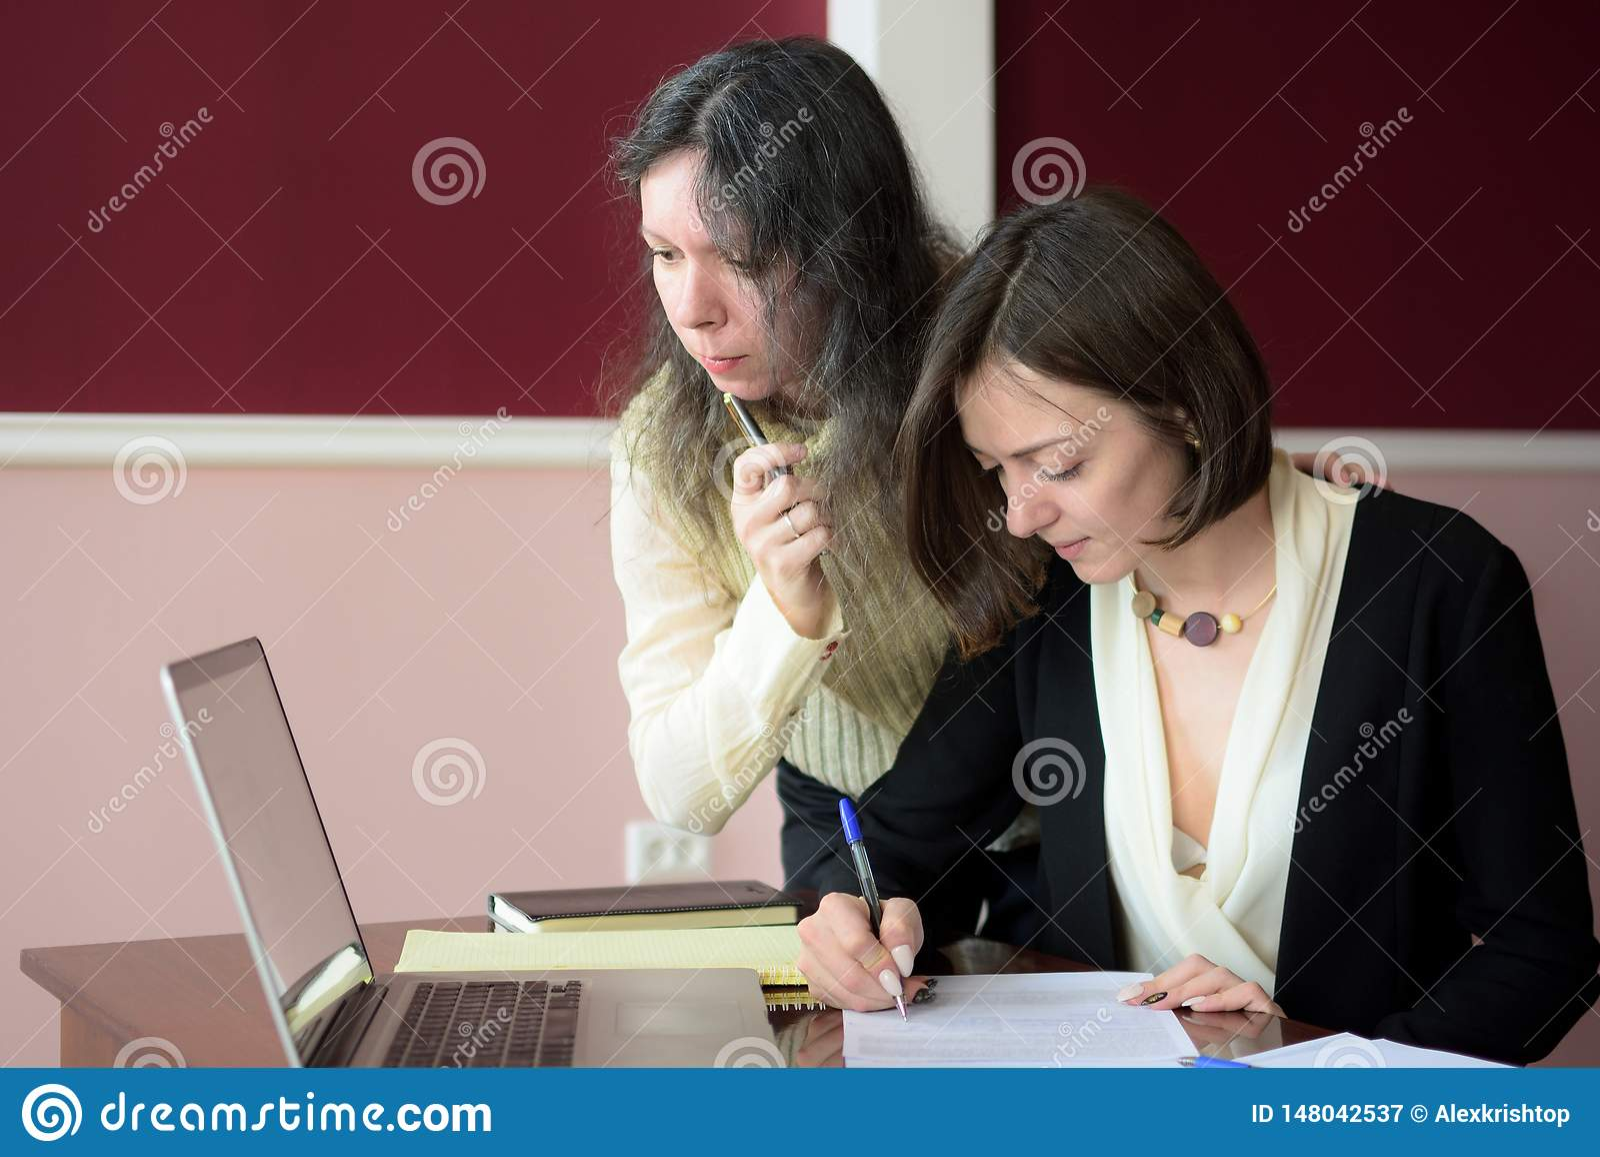 Δύο νεολαίες έντυσαν επιδέξια τη συμπλήρωση γυναικών διαμορφώνουν σε ένα εκλεκτής ποιότητας γραφείο γραφείων μπροστά από ένα lap-